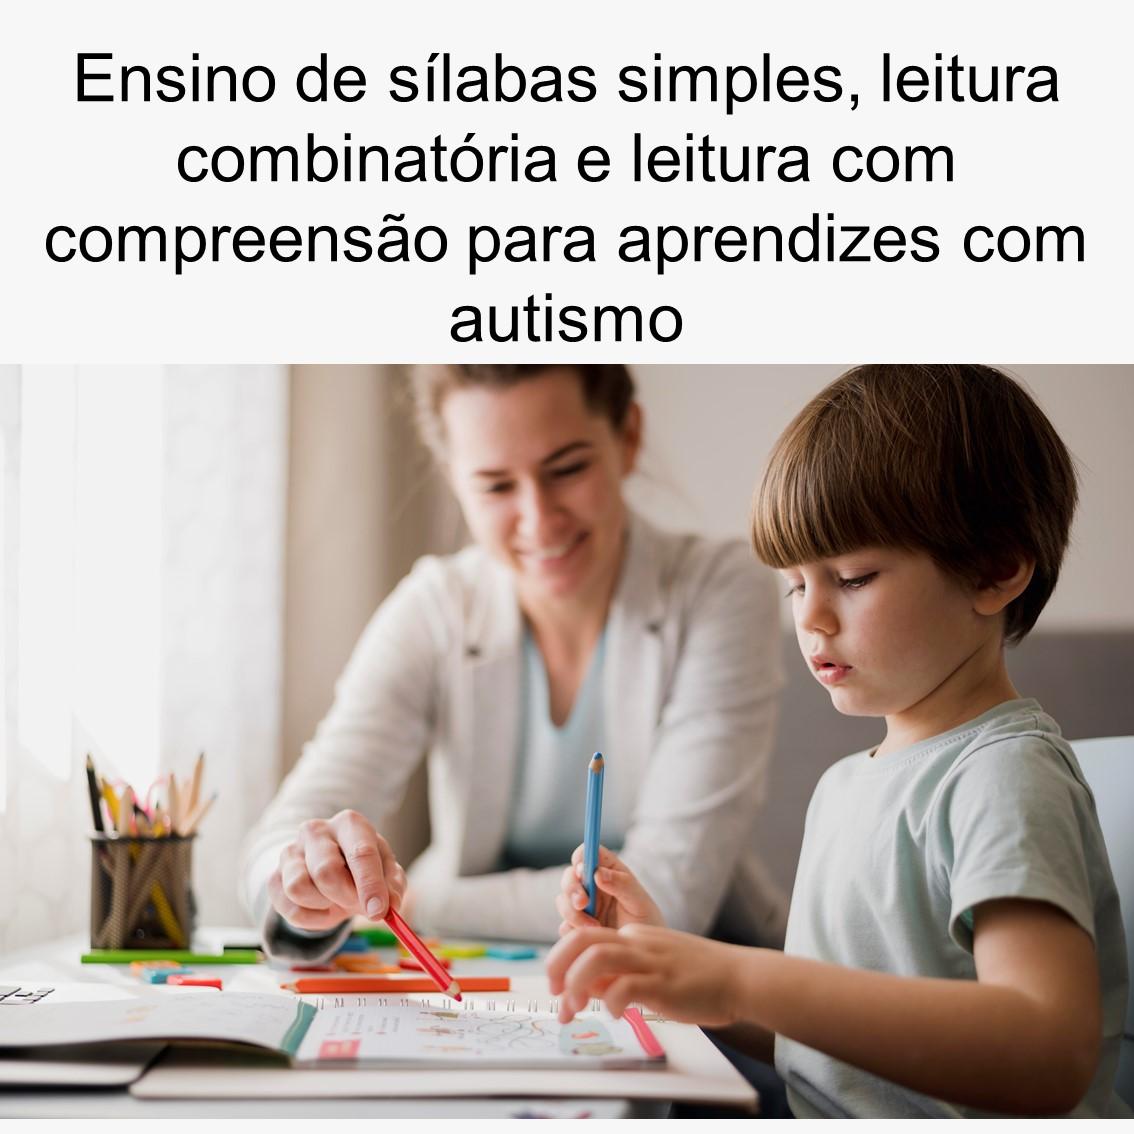 Ensino de sílabas simples, leitura combinatória e leitura com compreensão para aprendizes com Autismo